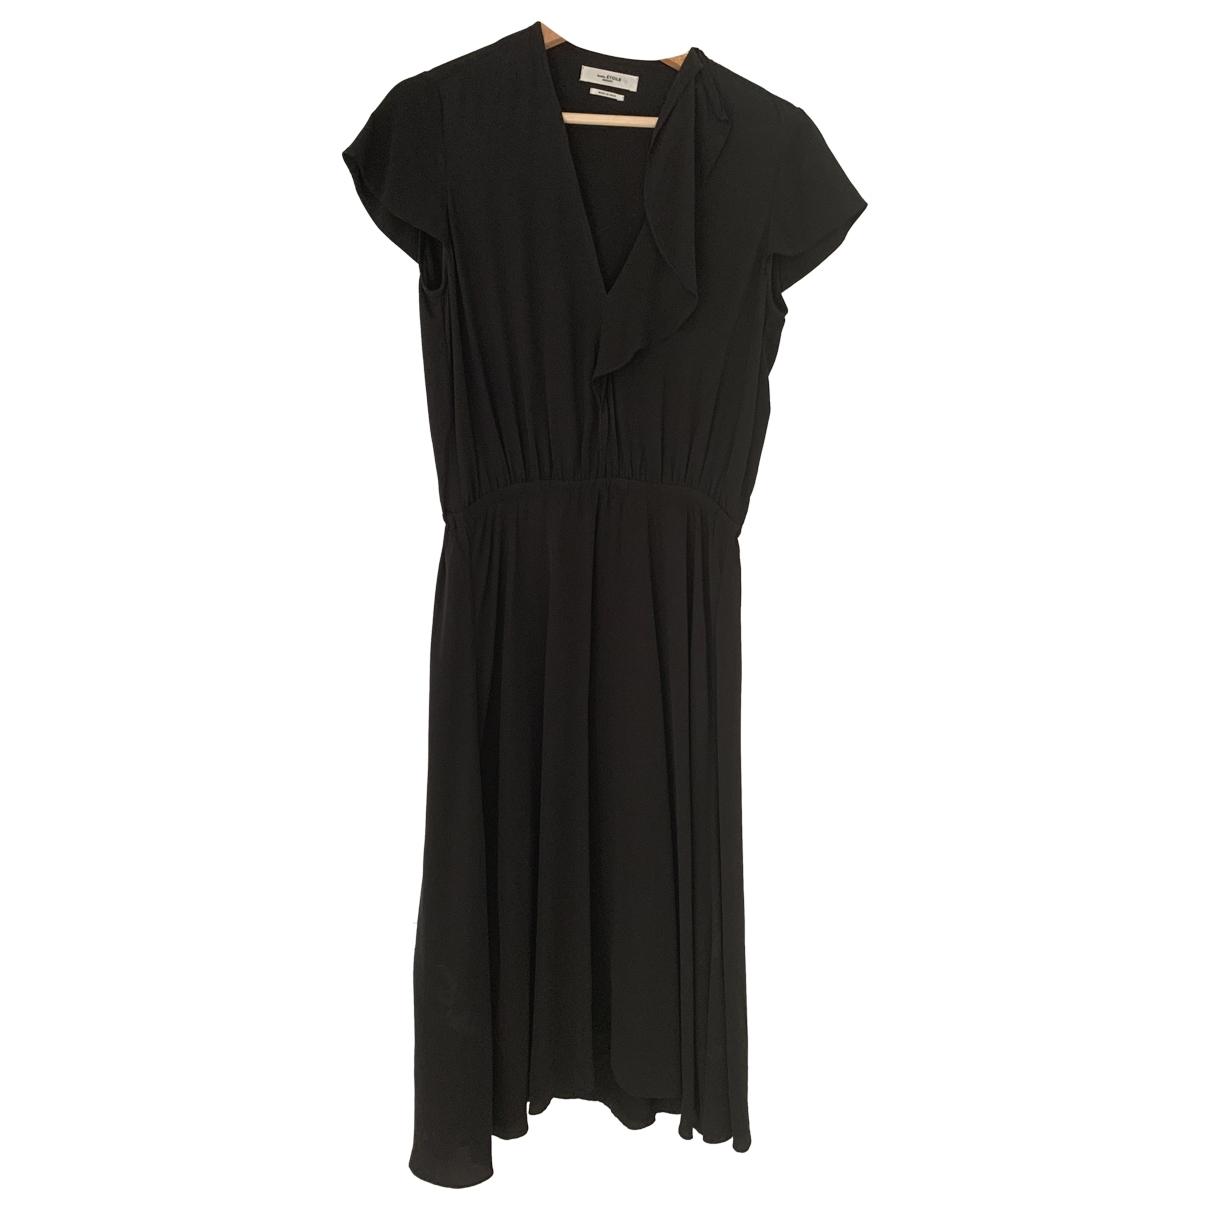 Isabel Marant Etoile \N Black dress for Women 36 FR